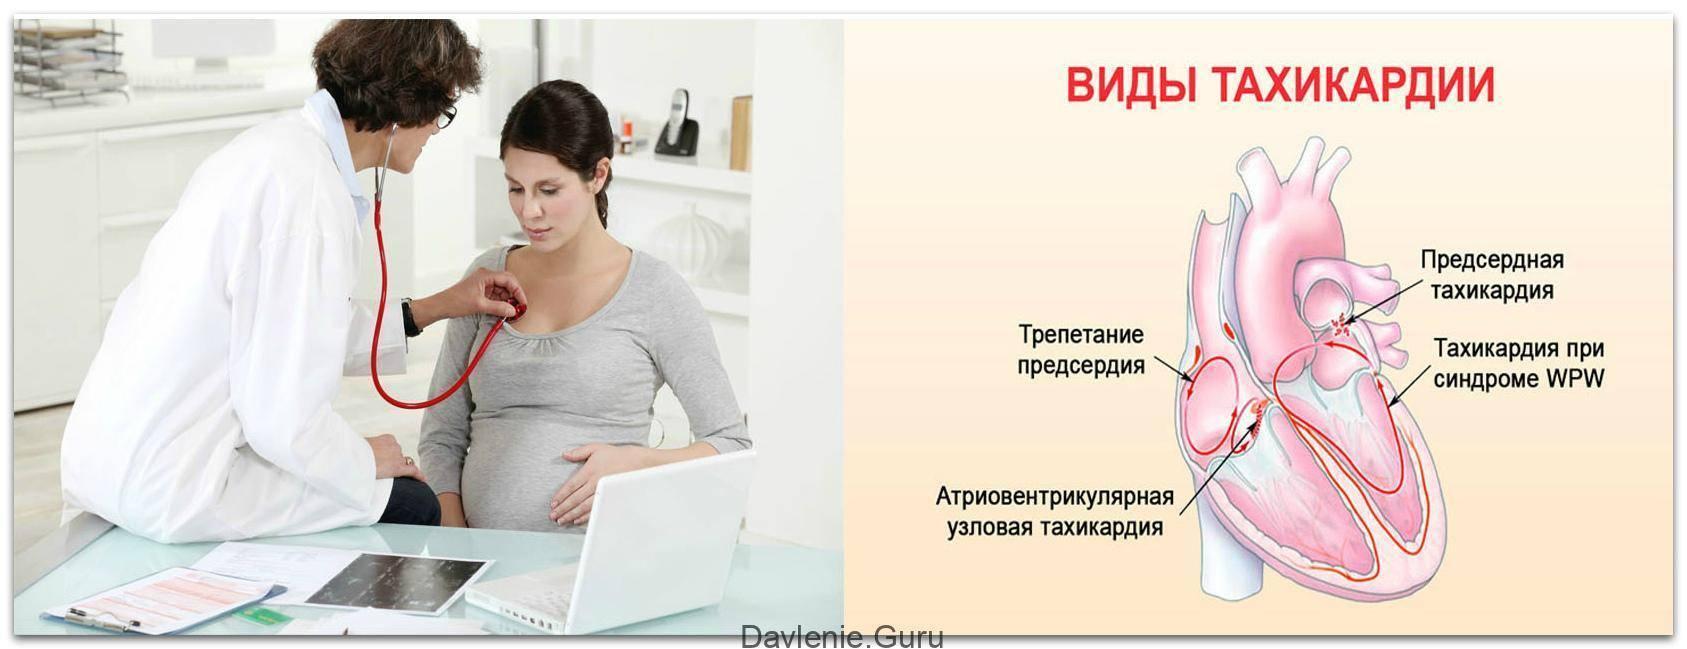 Высокое давление при беременности на ранних и поздних сроках - причины и лечение